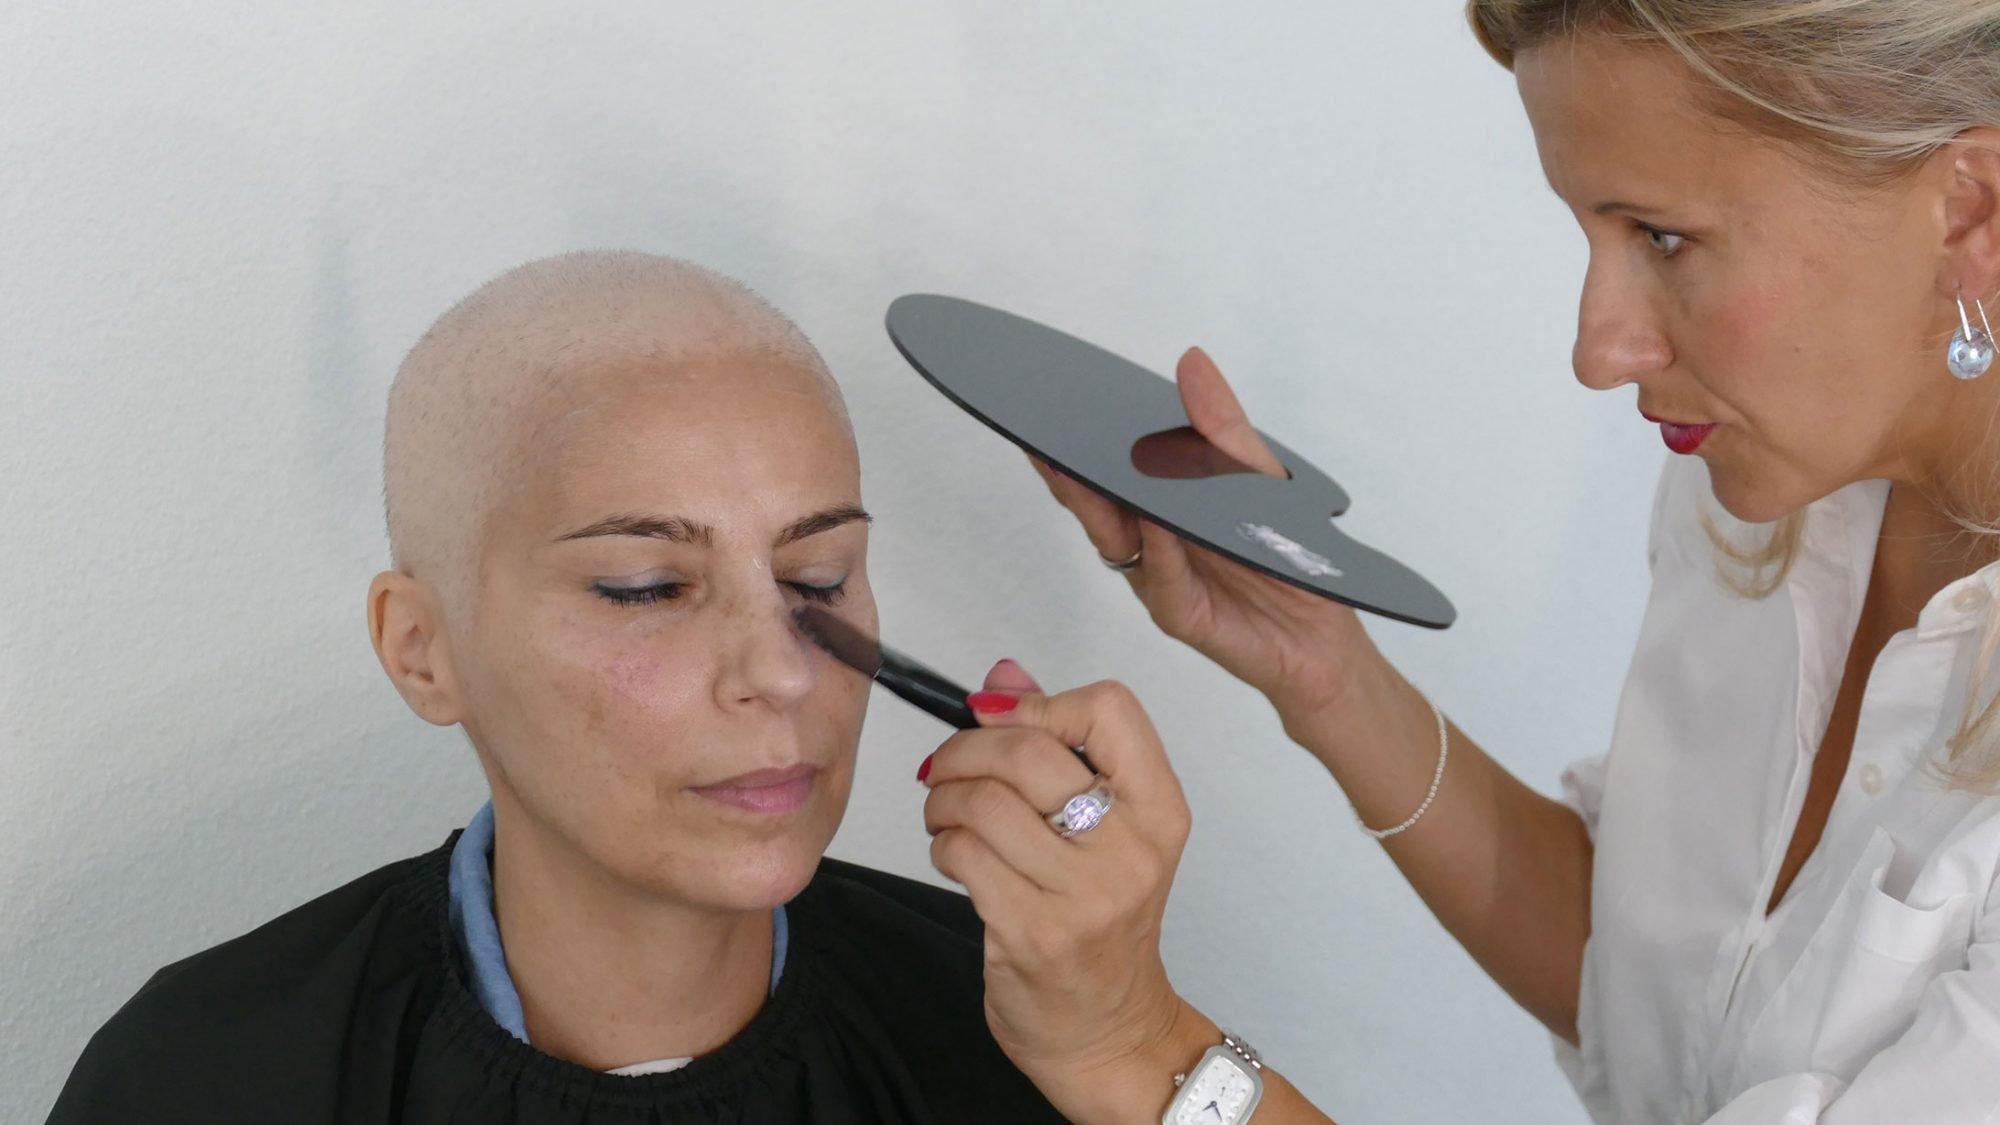 Schminktipps bei Chemotherapie: feuchtigkeitsspendende Crème auftragen.